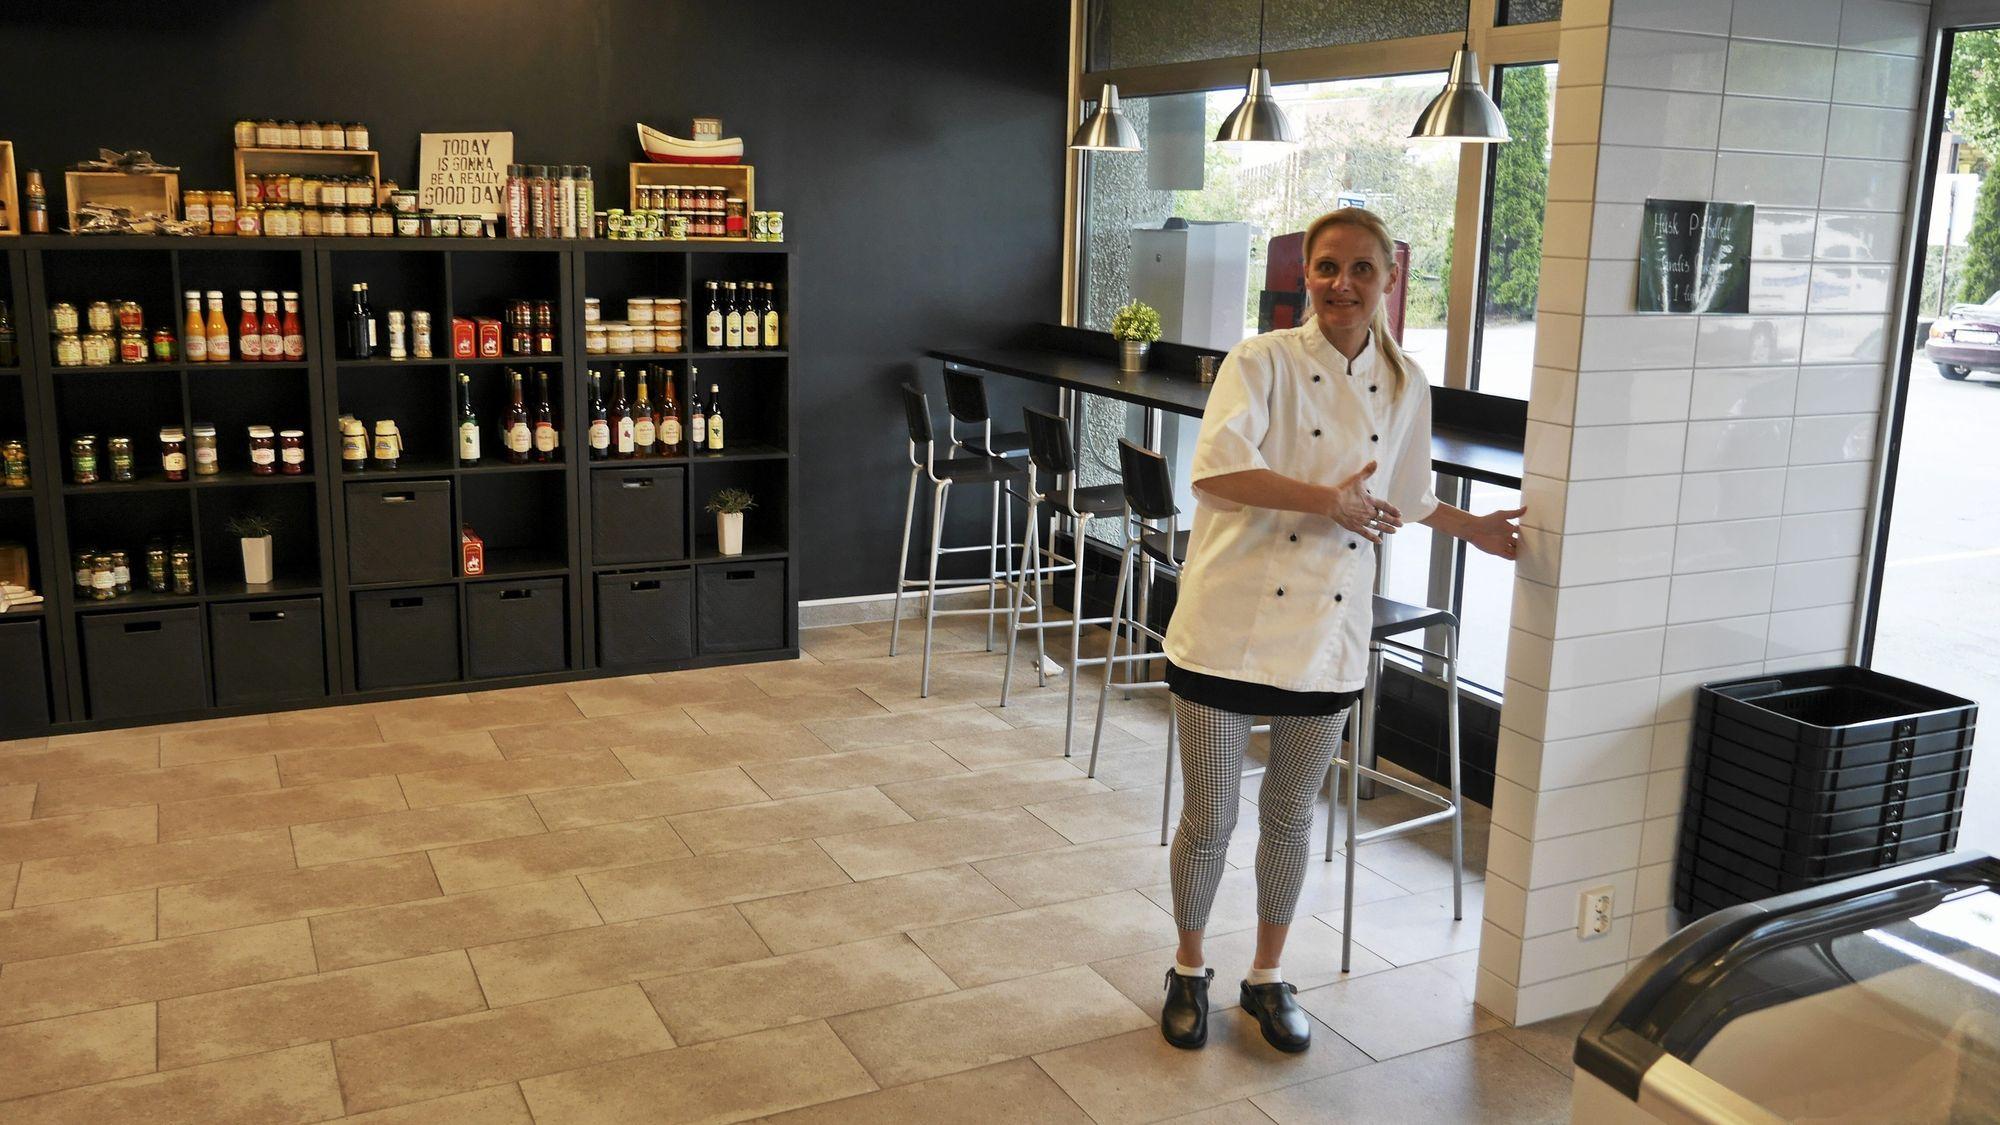 SKILLEVEGG: – Her, mellom bakeriet og fiskebutikken, skal det settes opp en vegg, sier Gulla Johannesdottir.